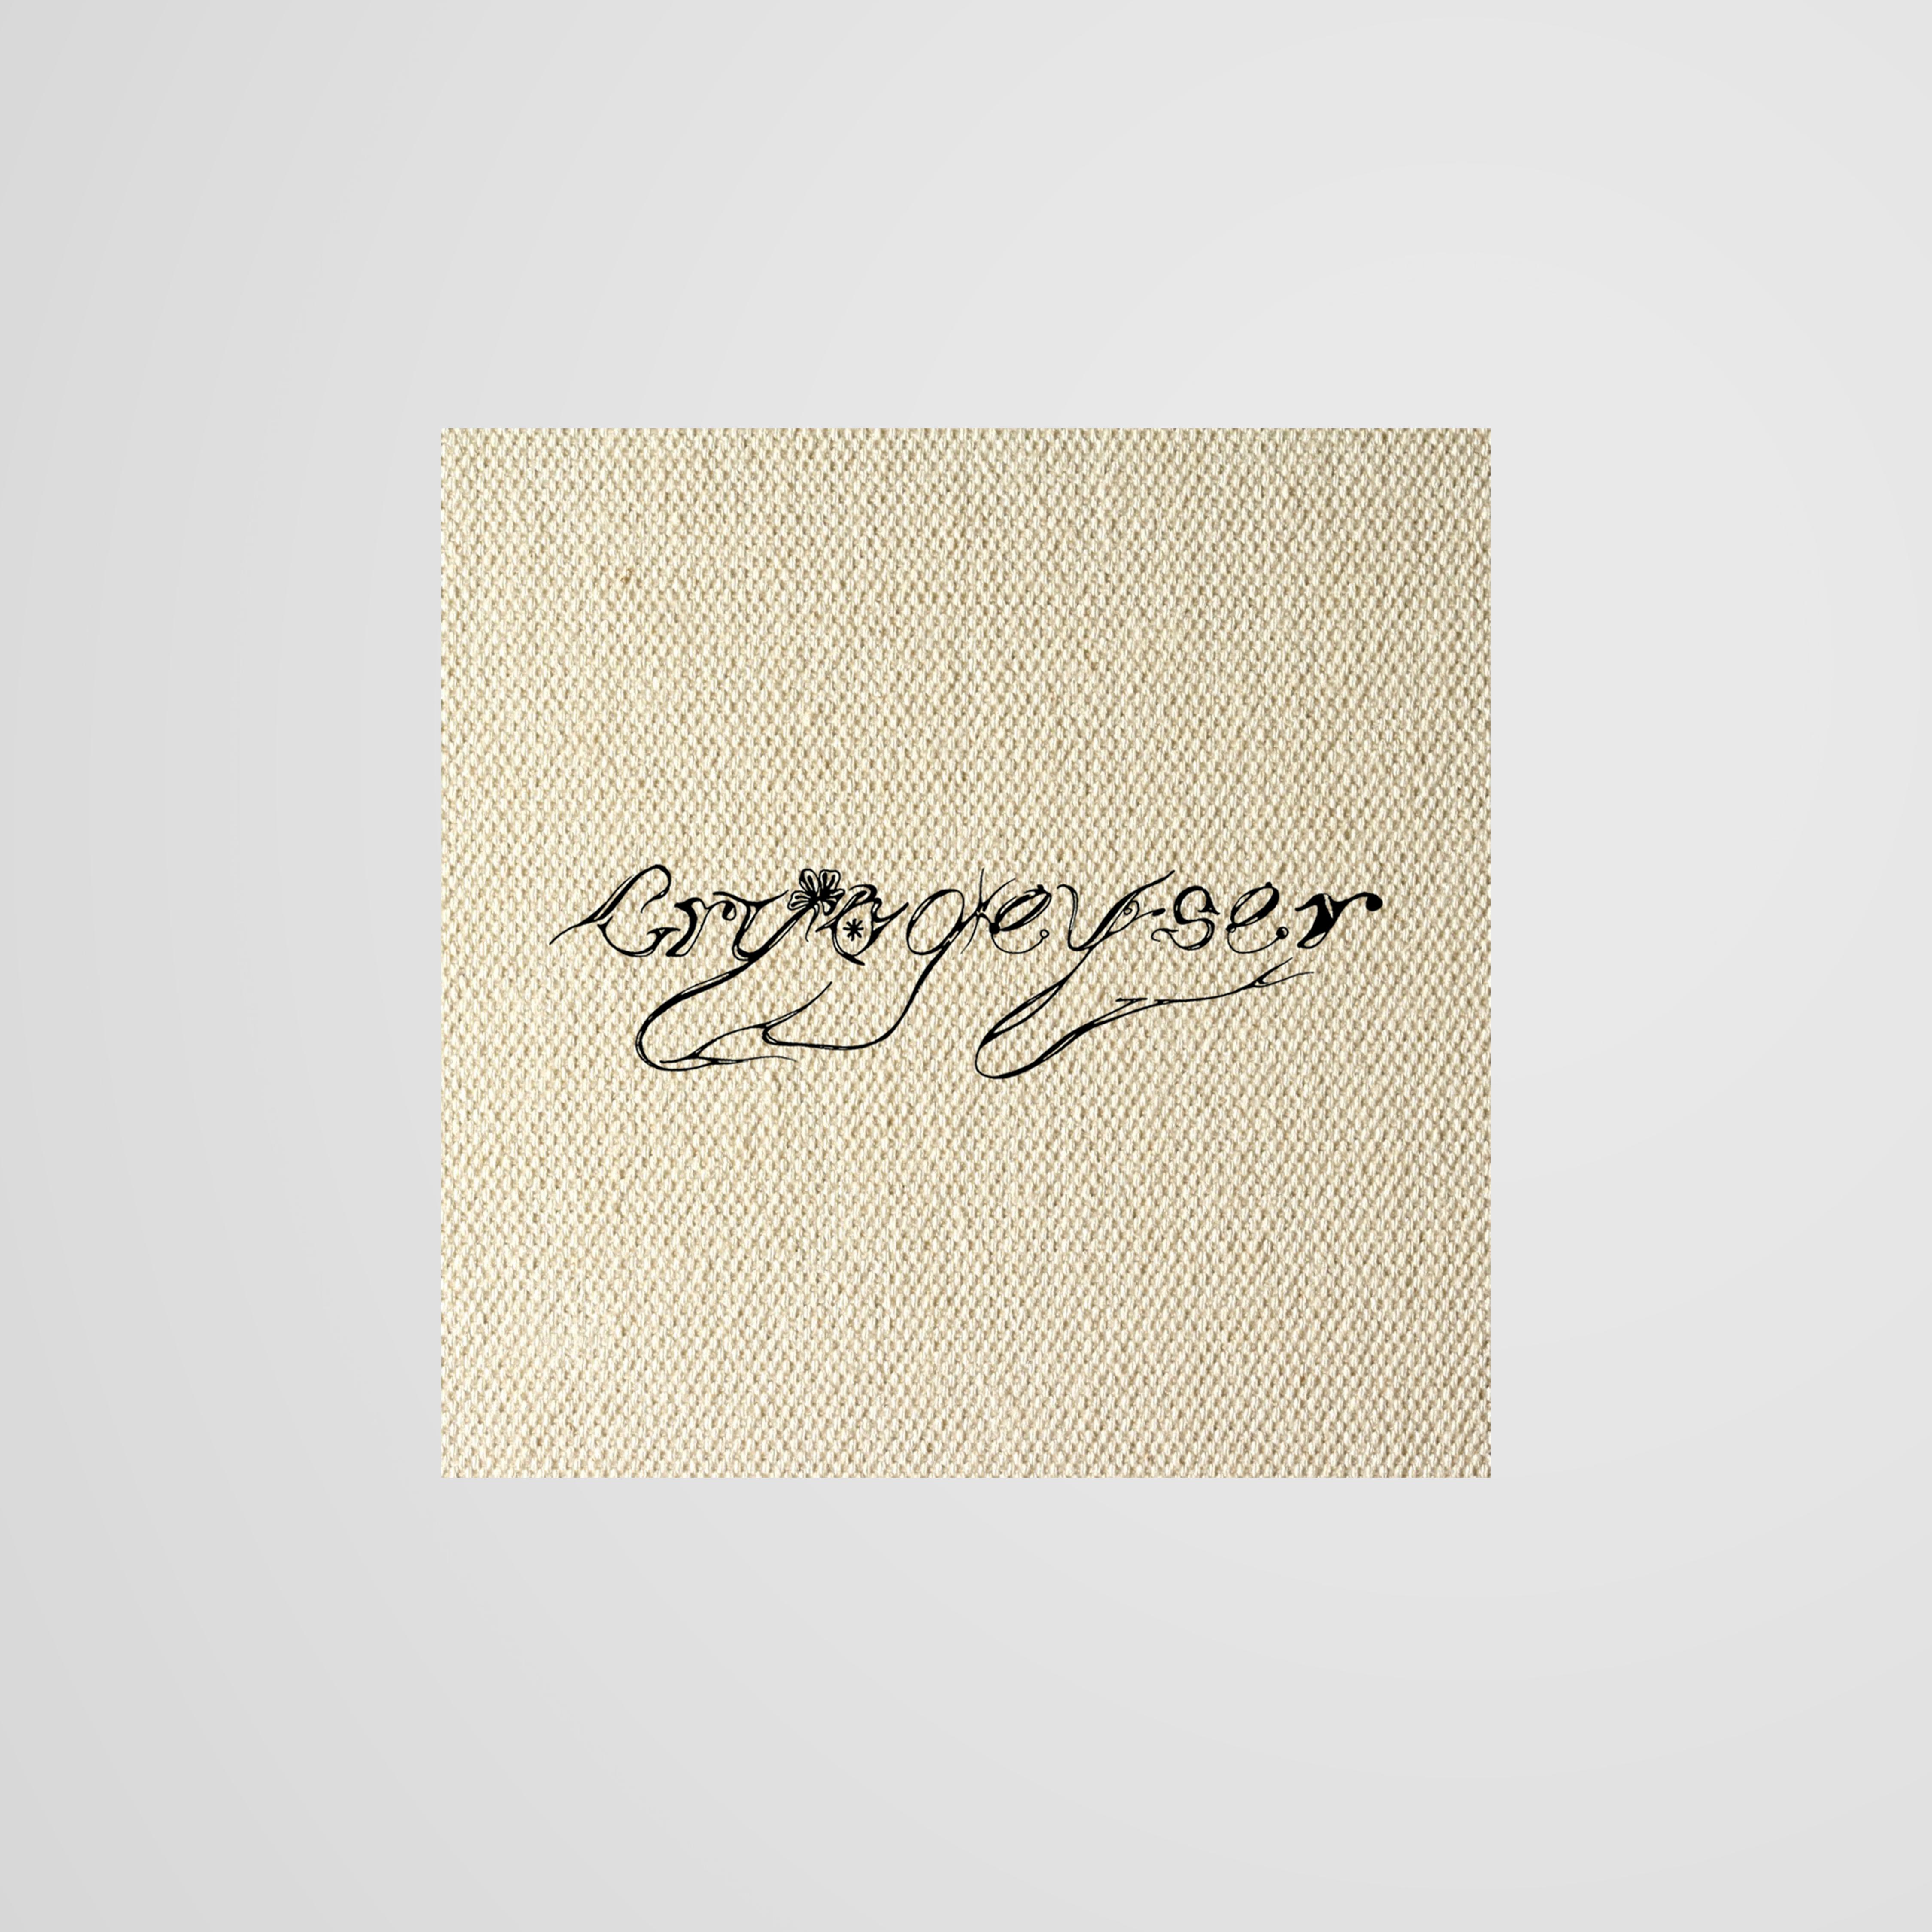 Cryogeyser - Glitch